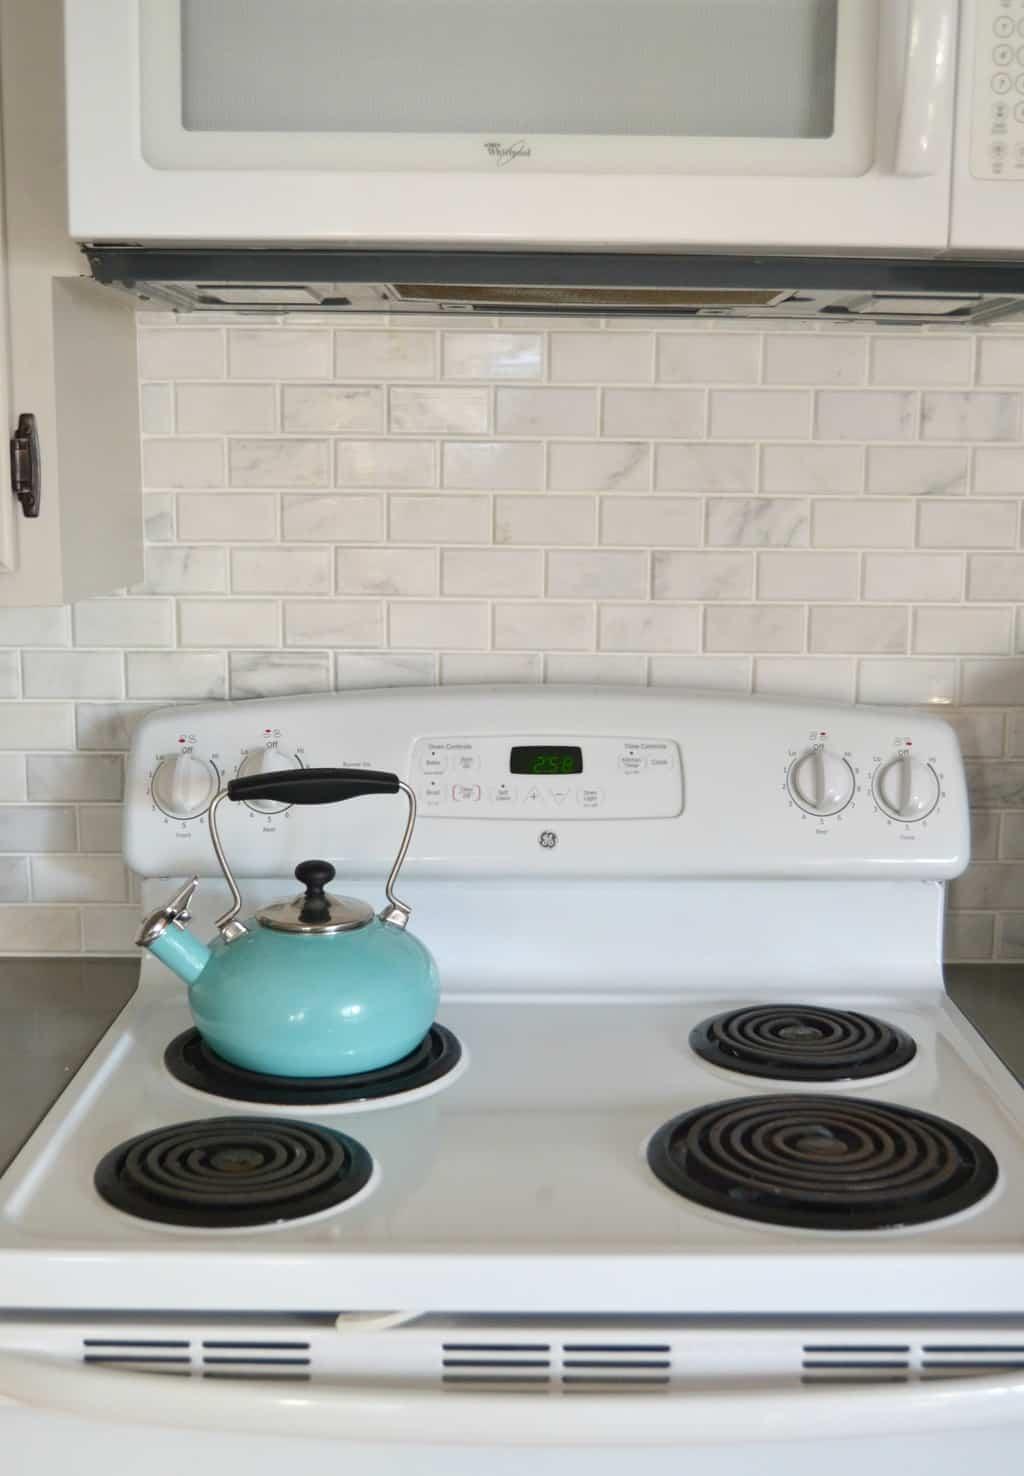 subway tile backsplash small kitchen kitchen backsplash diy ideas install subway tile kitchen backsplash